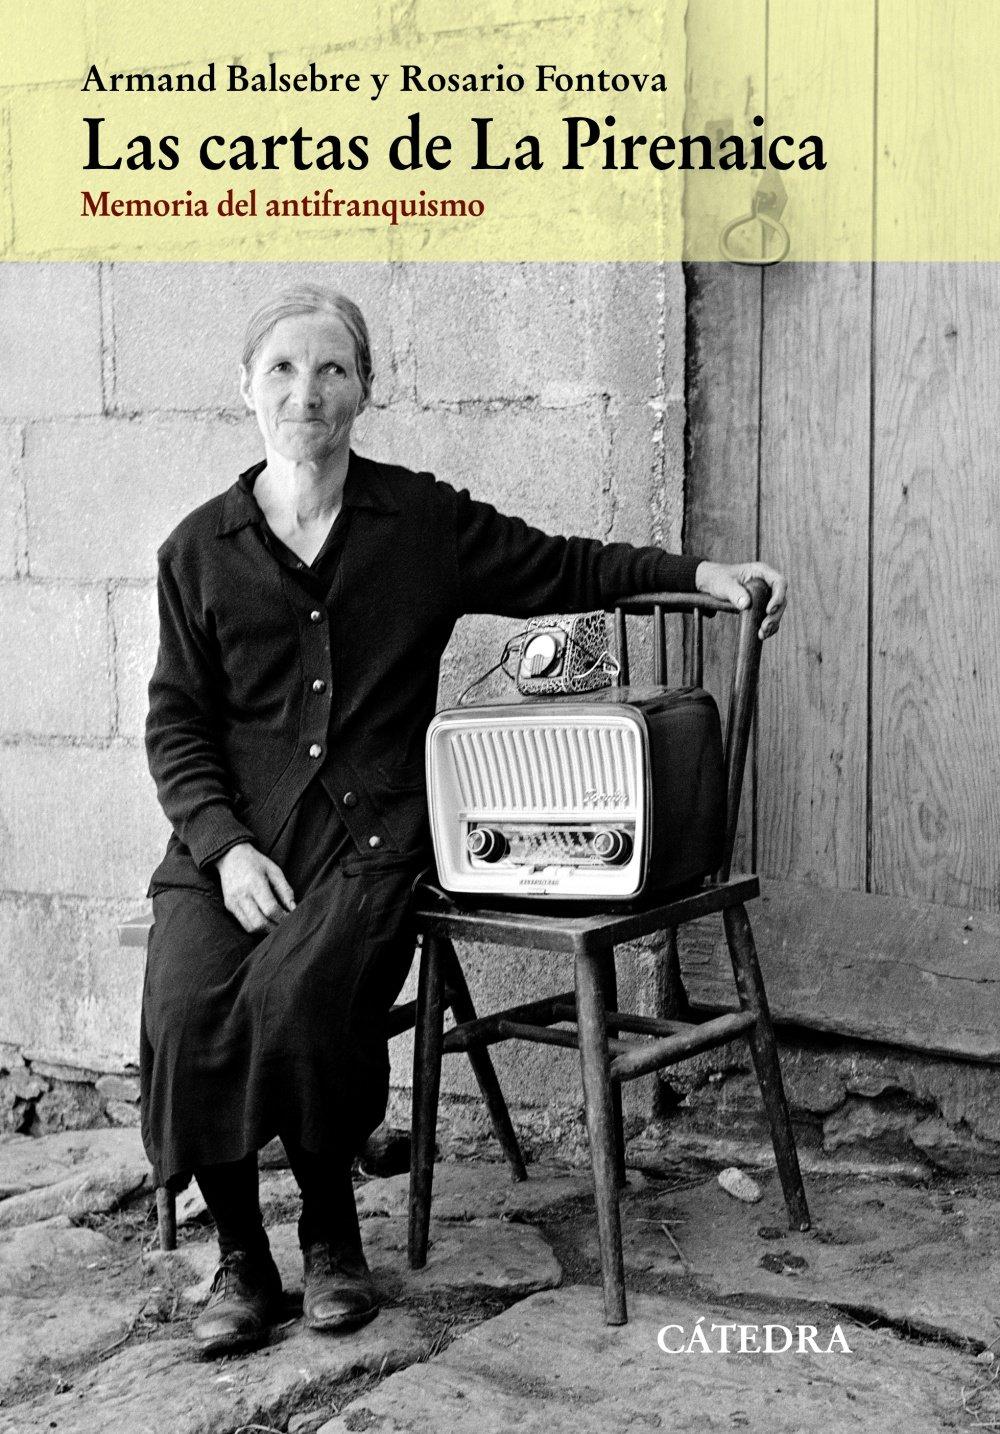 Las cartas de La Pirenaica: Memoria del antifranquismo Historia. Serie mayor: Amazon.es: Balsebre, Armand, Fontova, Rosario: Libros